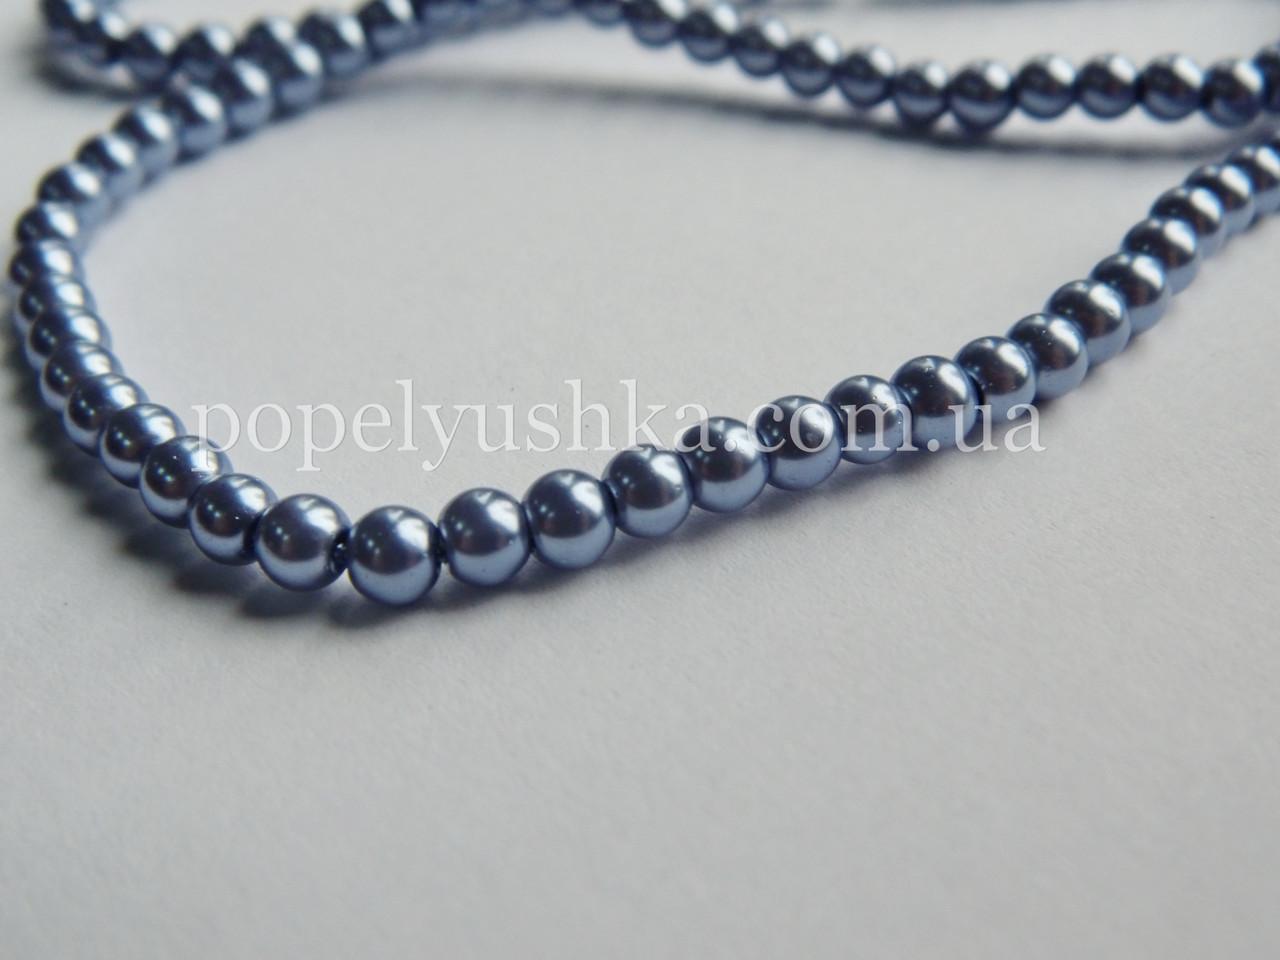 Перлини скляні  6 мм Срібно-Сірі (50 шт.)